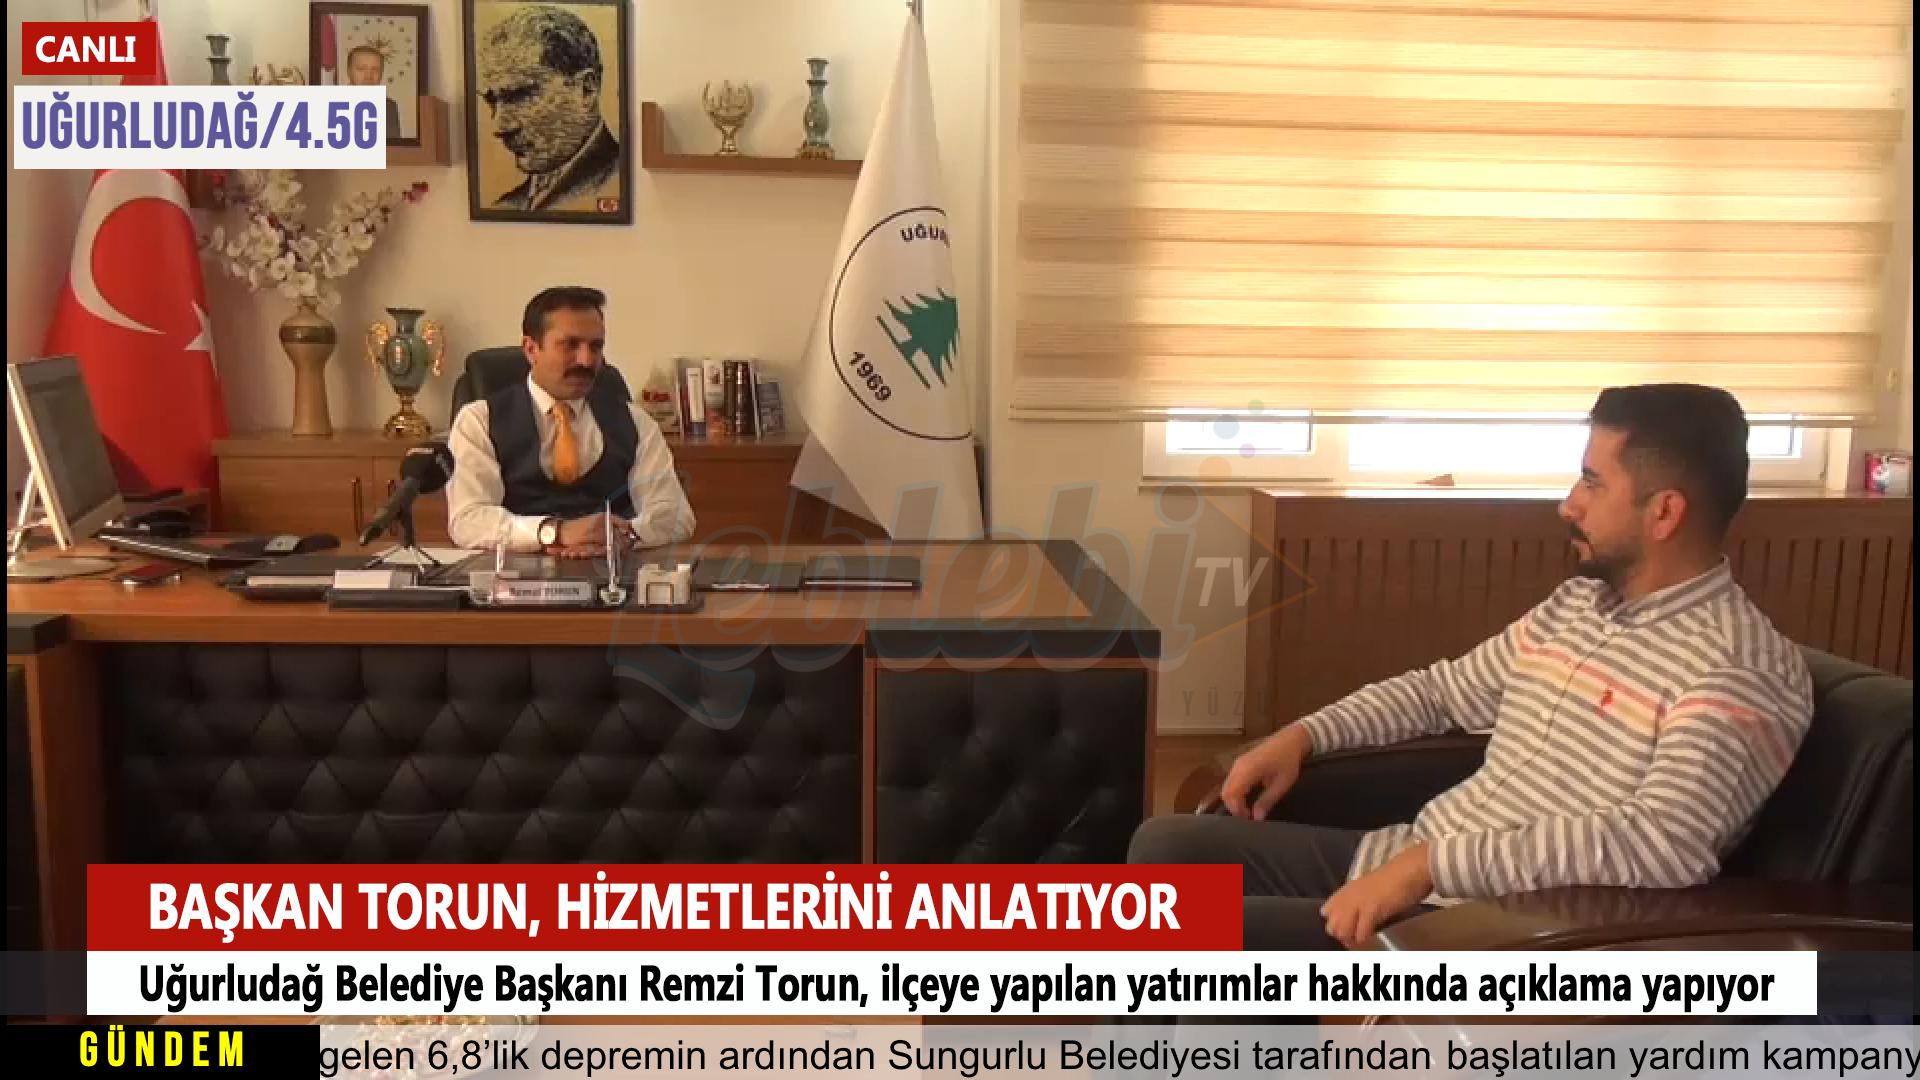 Uğurludağ Belediye Başkanı Remzi Torun, İlçeye Yapılan Yatırımları Anlattı